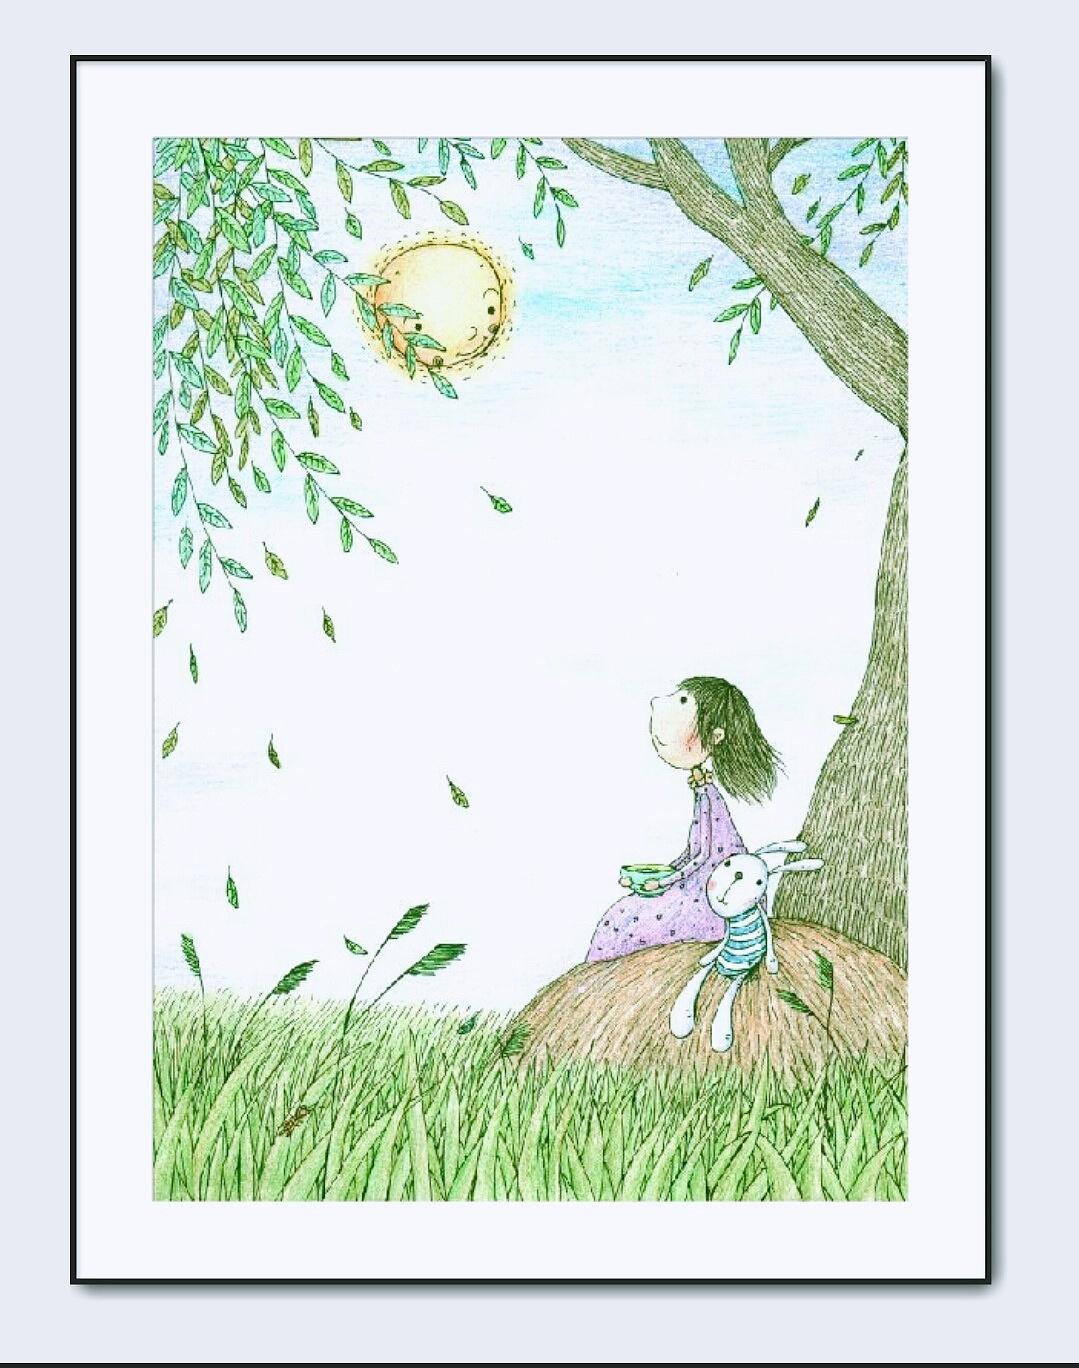 商业彩铅儿童插画《孩子展览是诗歌》